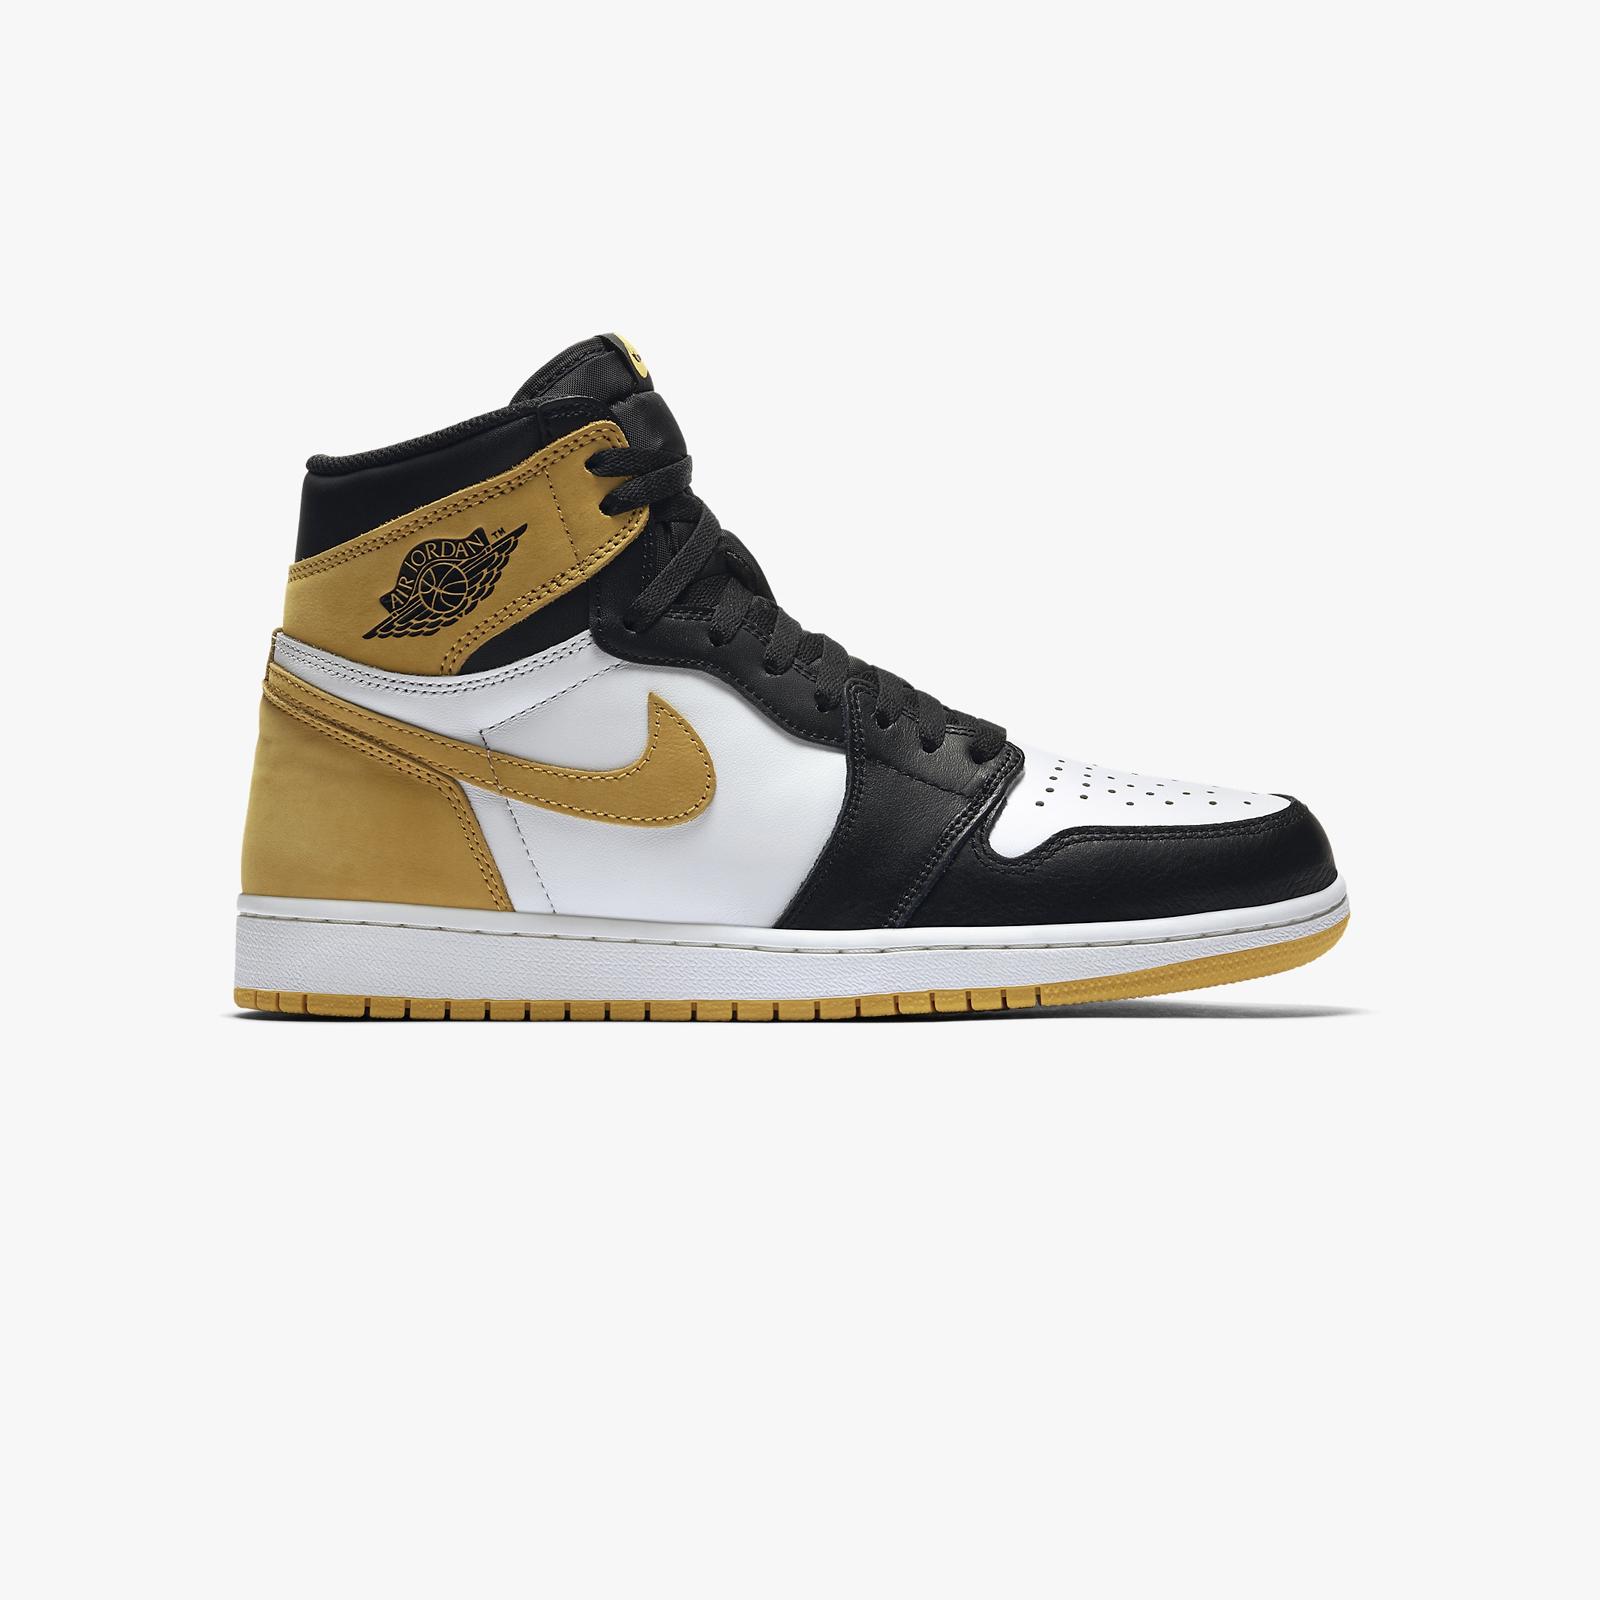 a11c27f65cd9a4 Jordan Brand Air Jordan 1 Retro High OG - 555088-109 ...